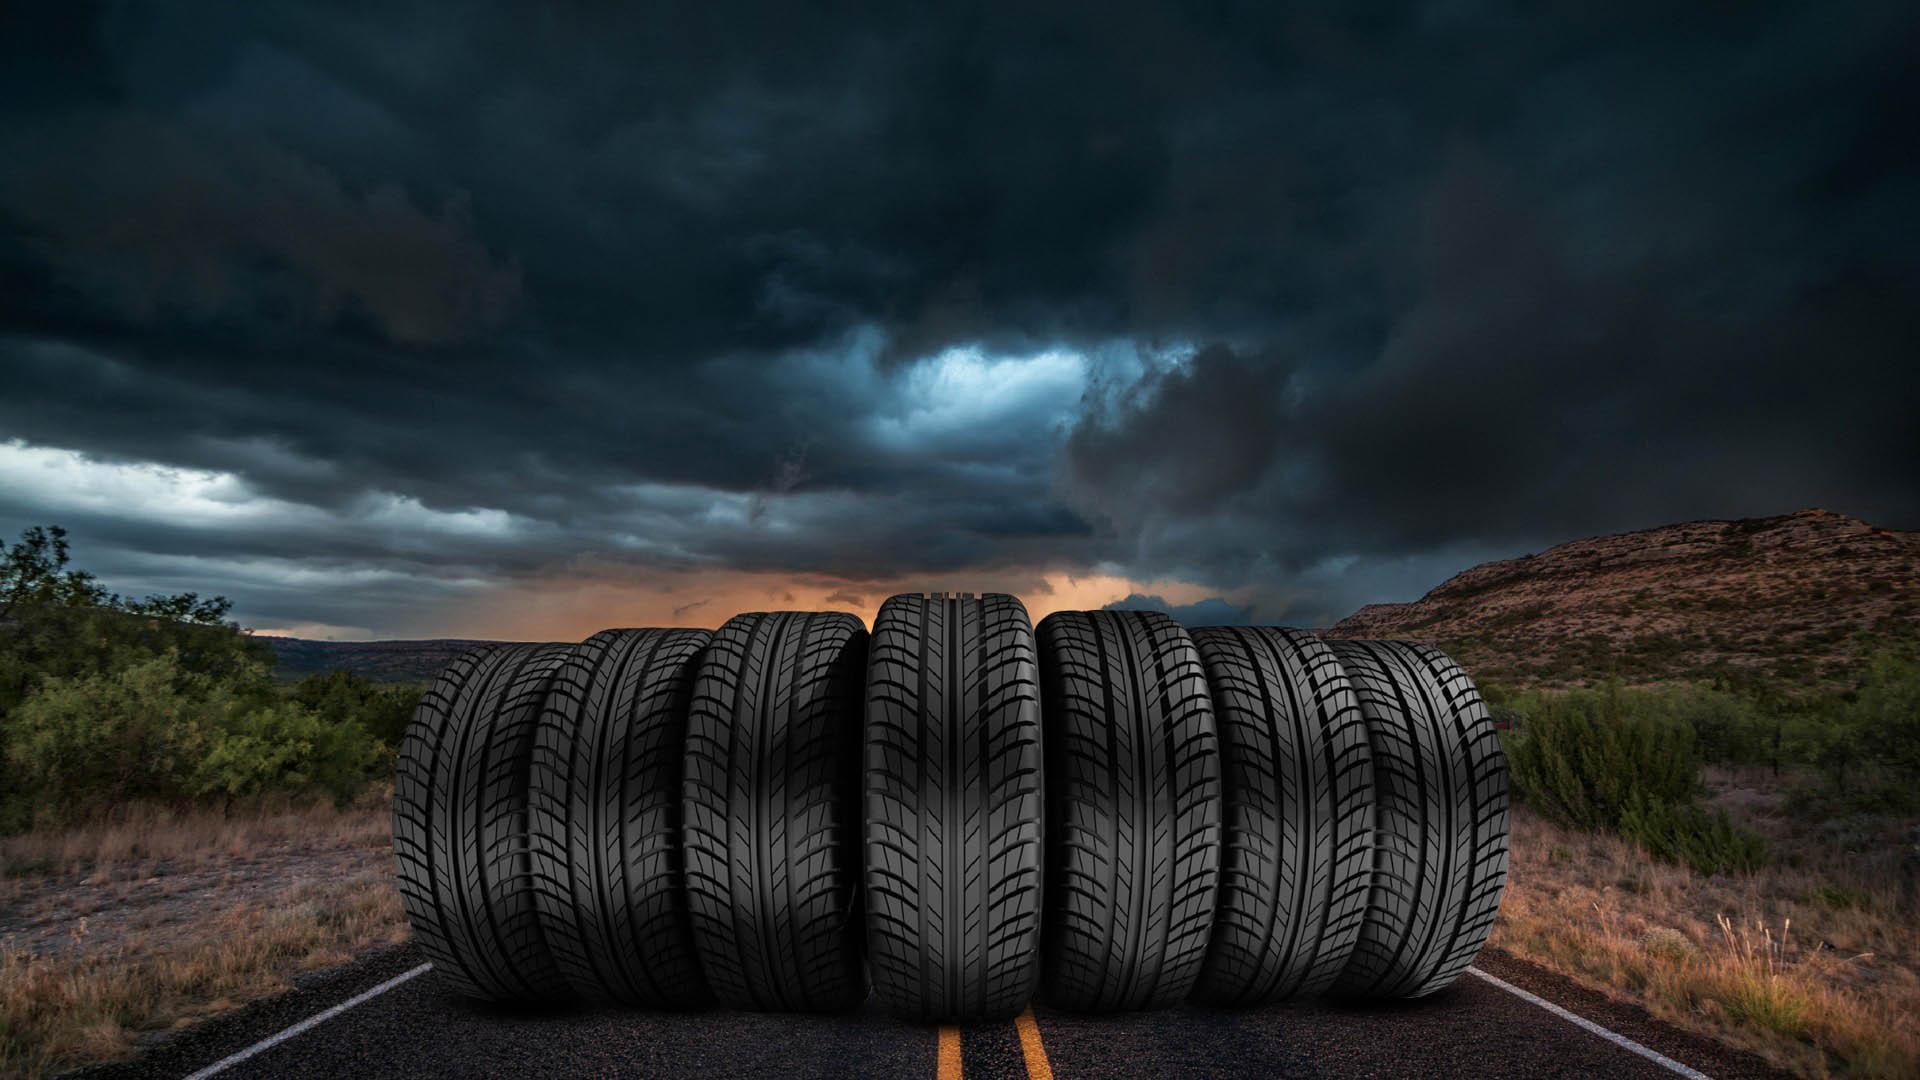 aro pneus 62 3983 3333 aro pneus. Black Bedroom Furniture Sets. Home Design Ideas